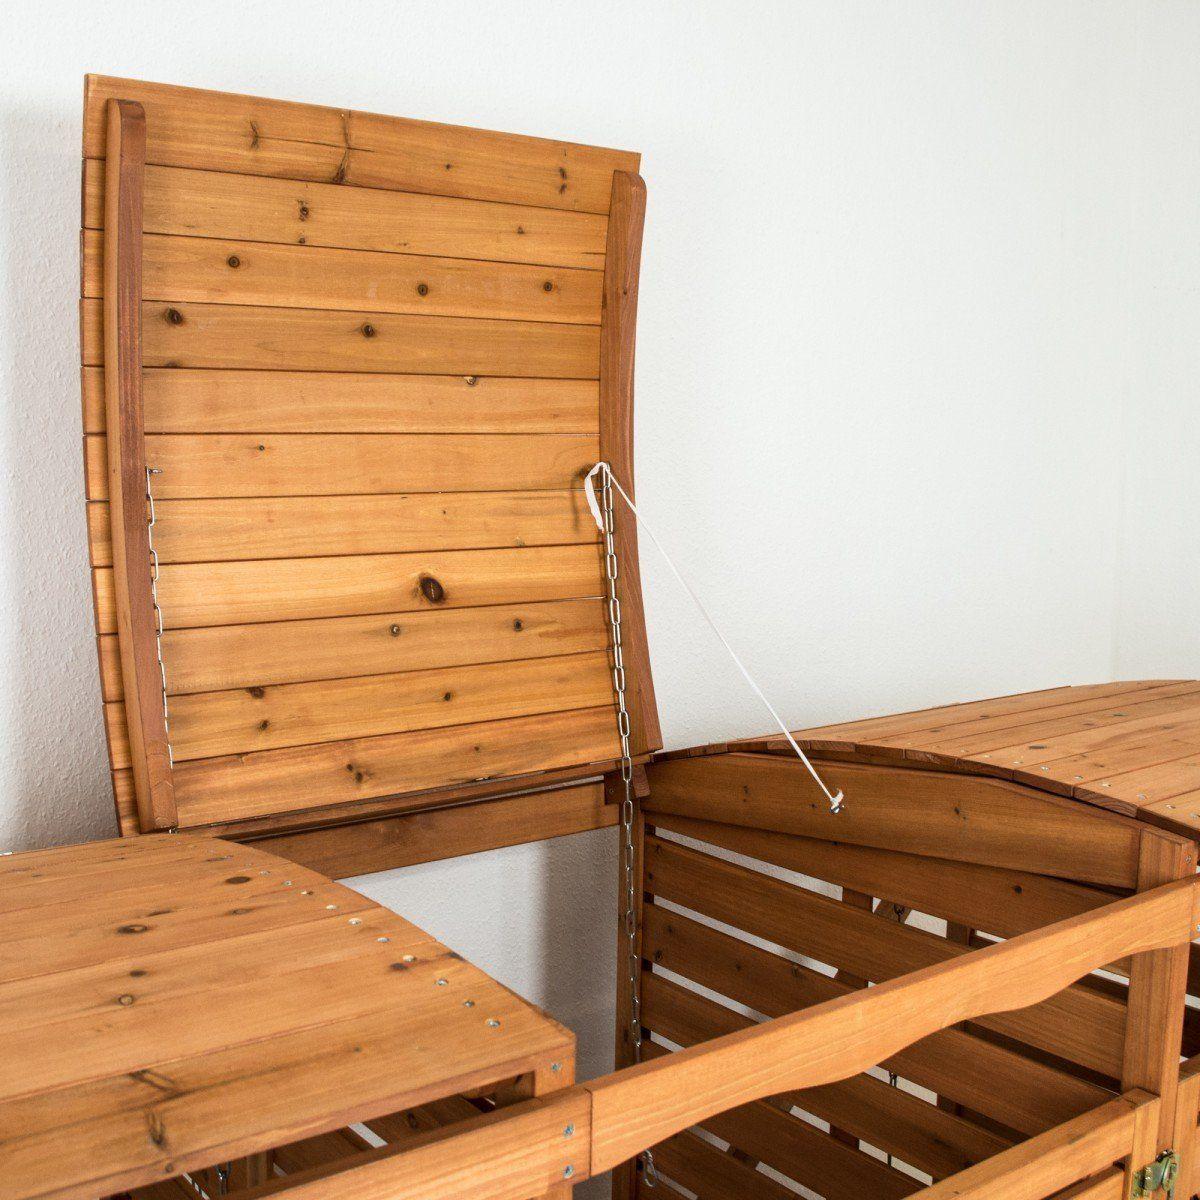 Bezaubernd Mülltonnenbox Aus Paletten Bauen Ideen Von Mülltonnenbox Mit Rückwand Holz Für 3 Mülltonnen